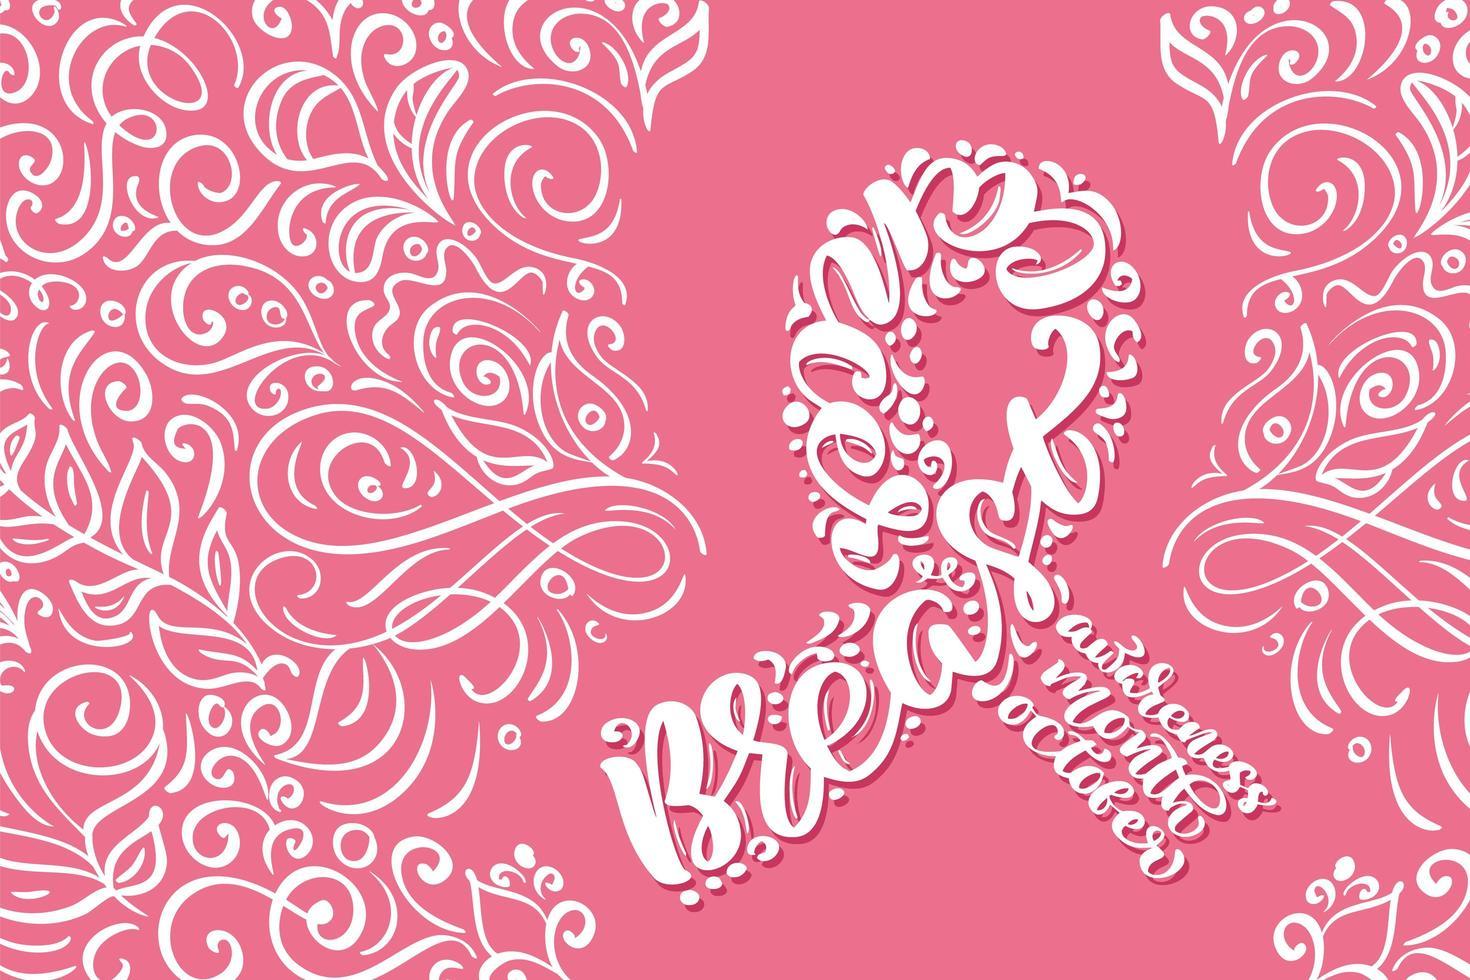 stiliserat rosa band med kalligrafi för medvetenhet om bröstcancer vektor